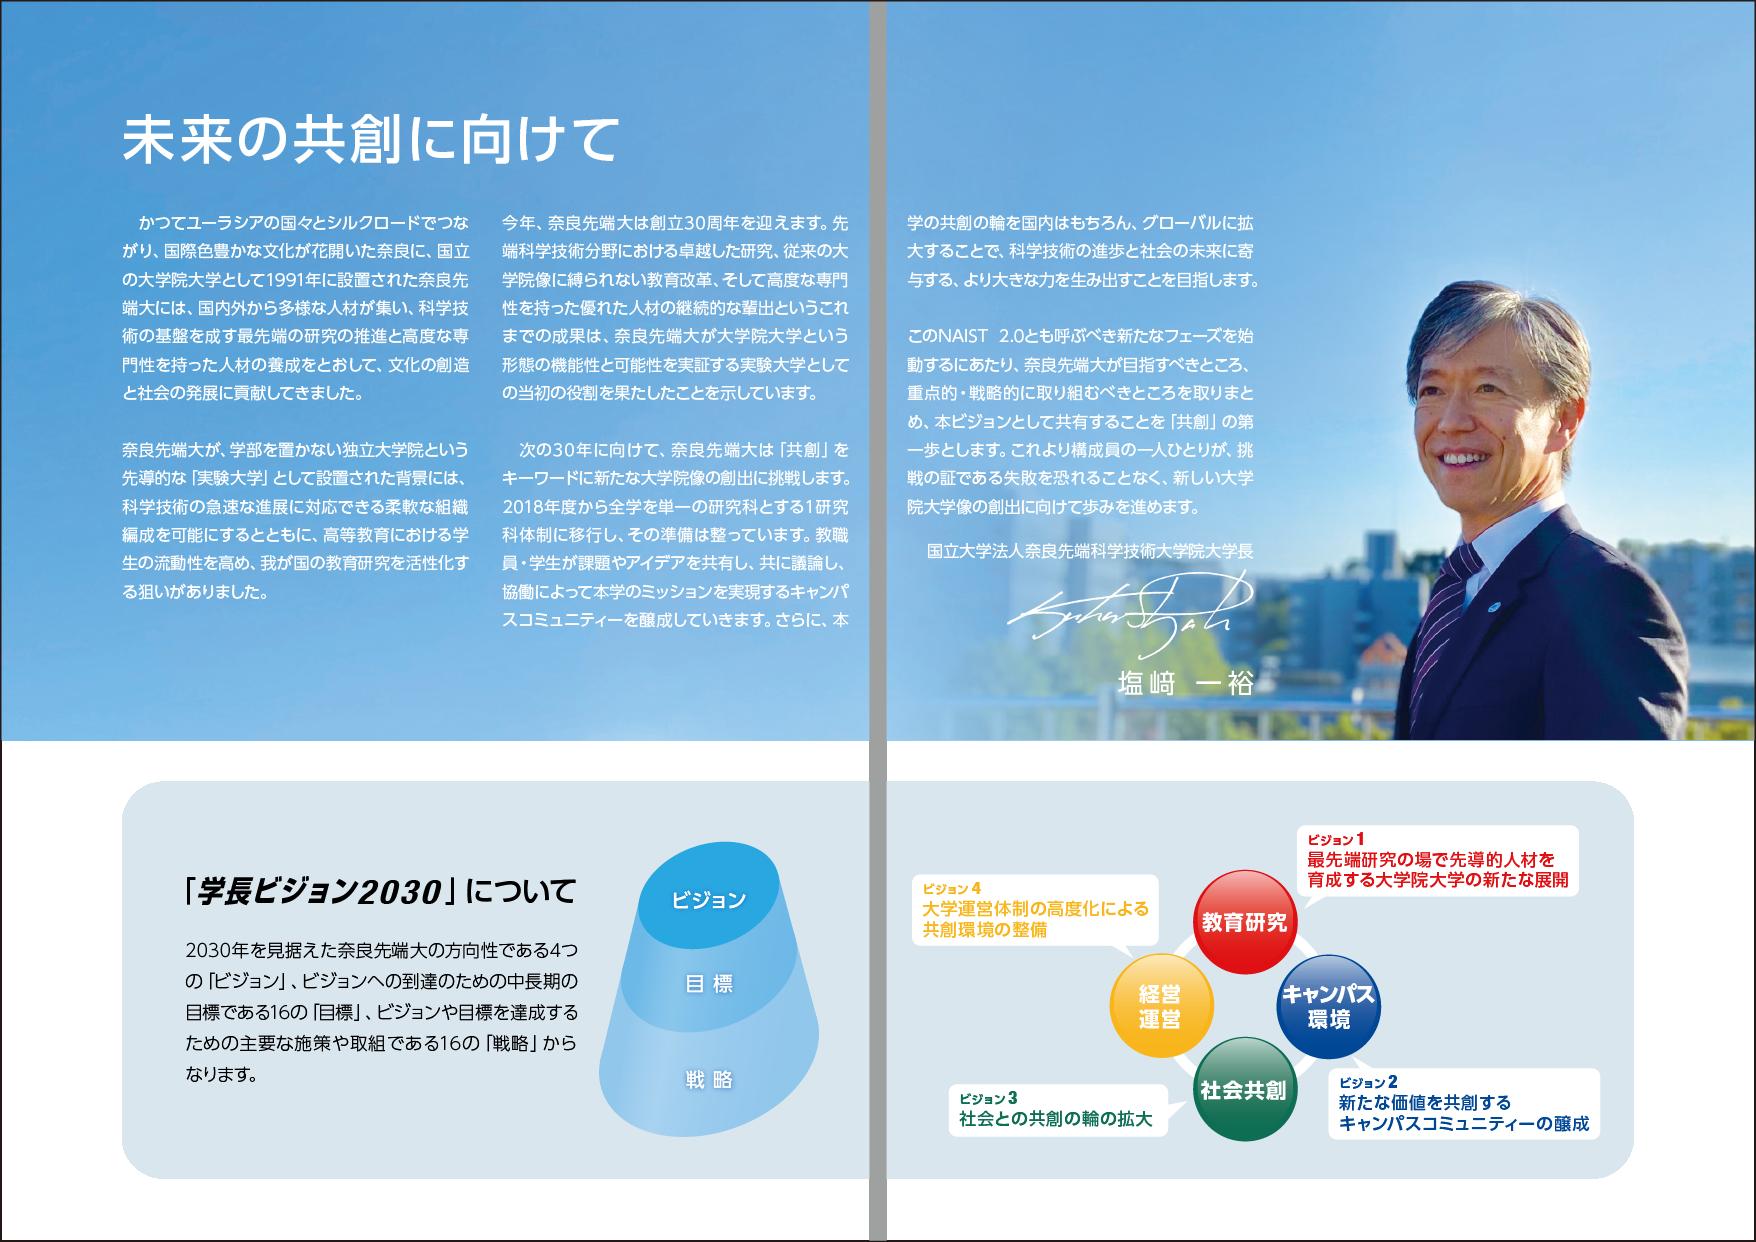 国立大学法人 奈良先端科学技術大学院大学様 学長ビジョンパンフレット